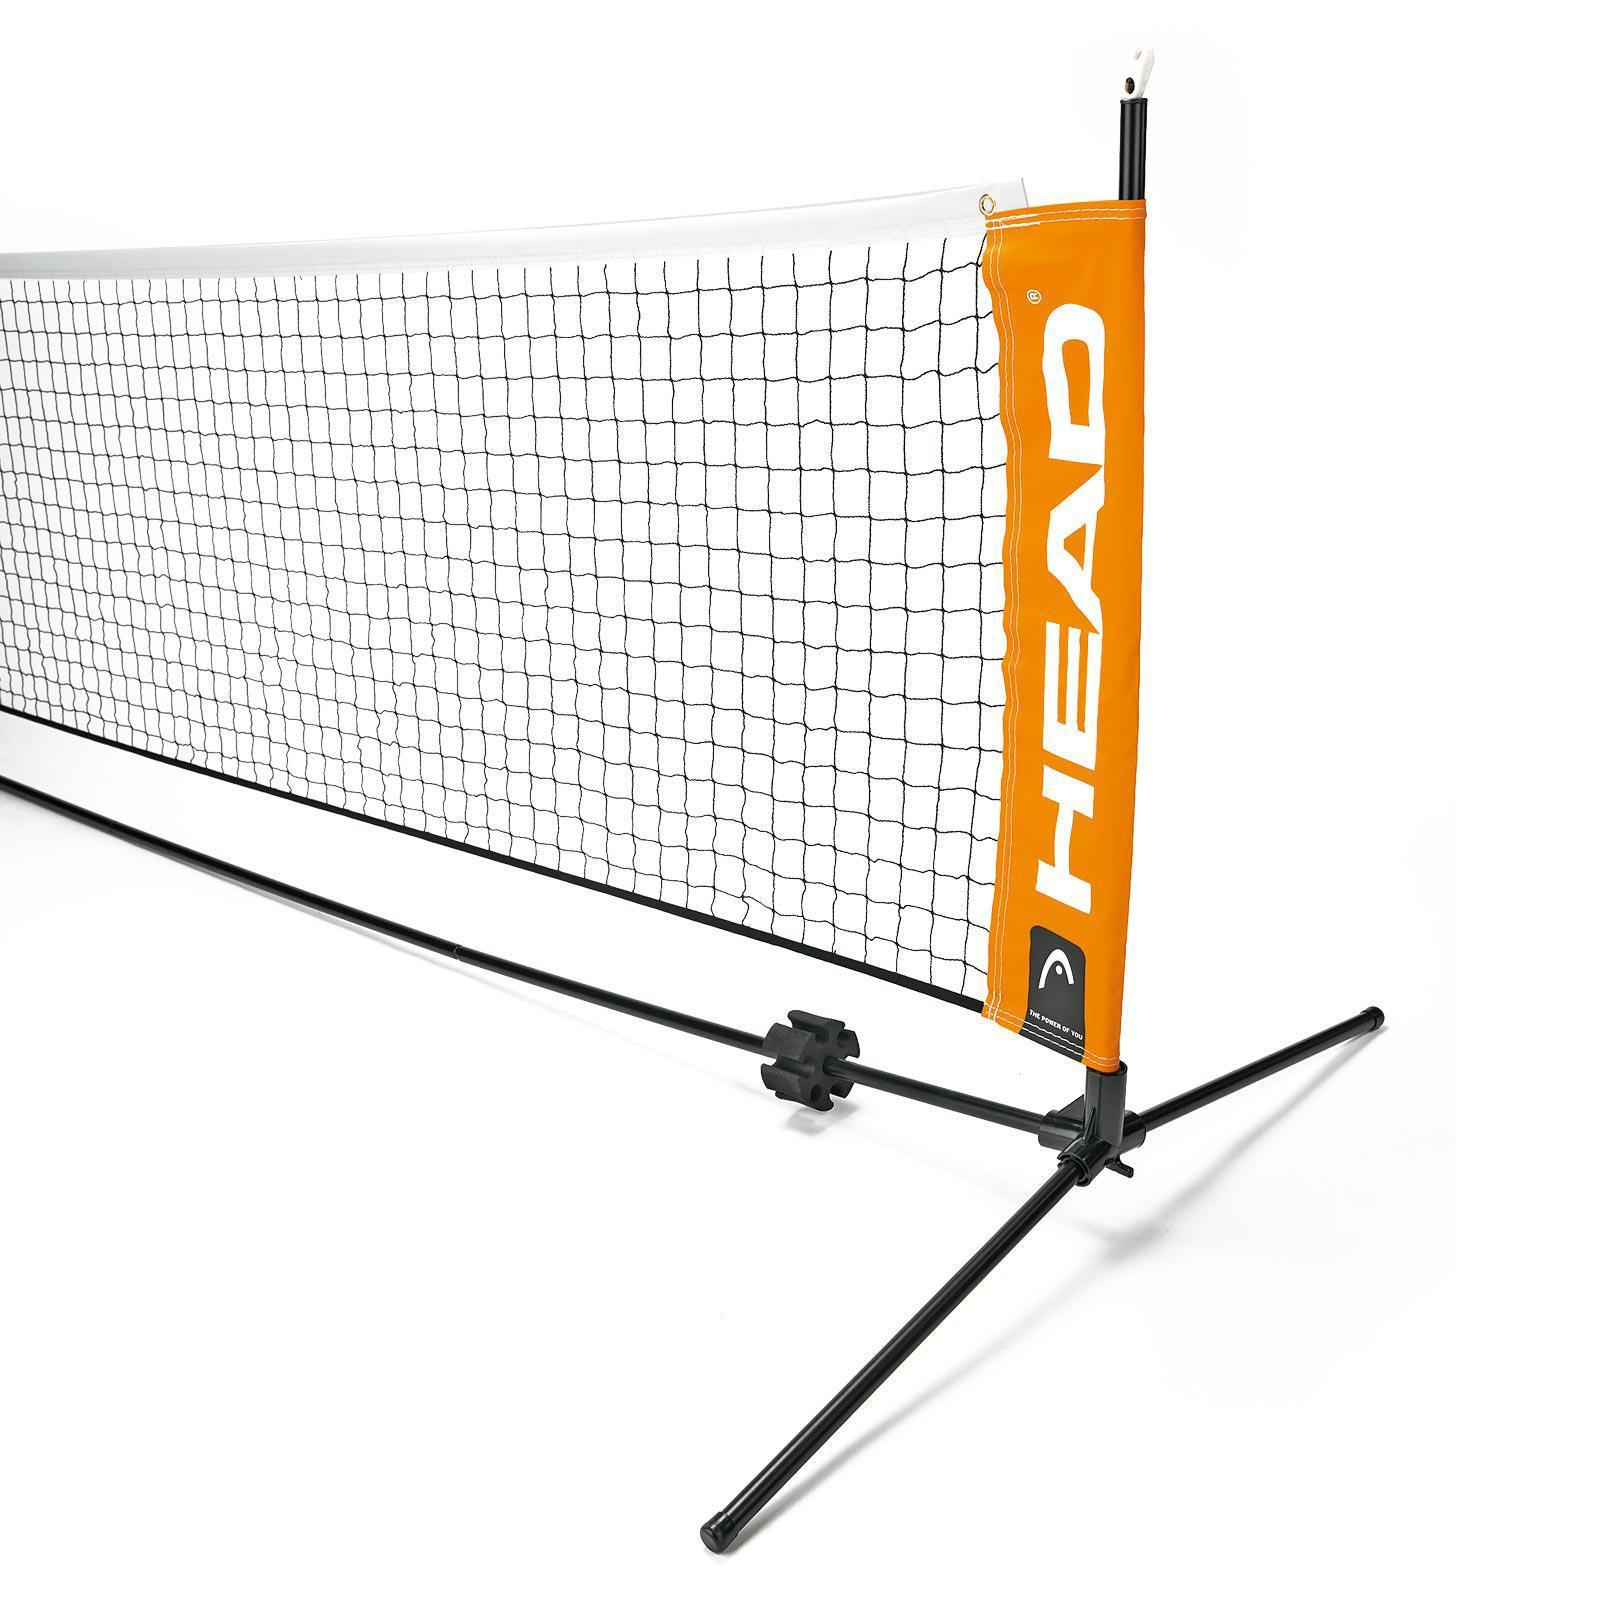 Head 61m Mini Tennis Net And Posts Set Tennisnuts